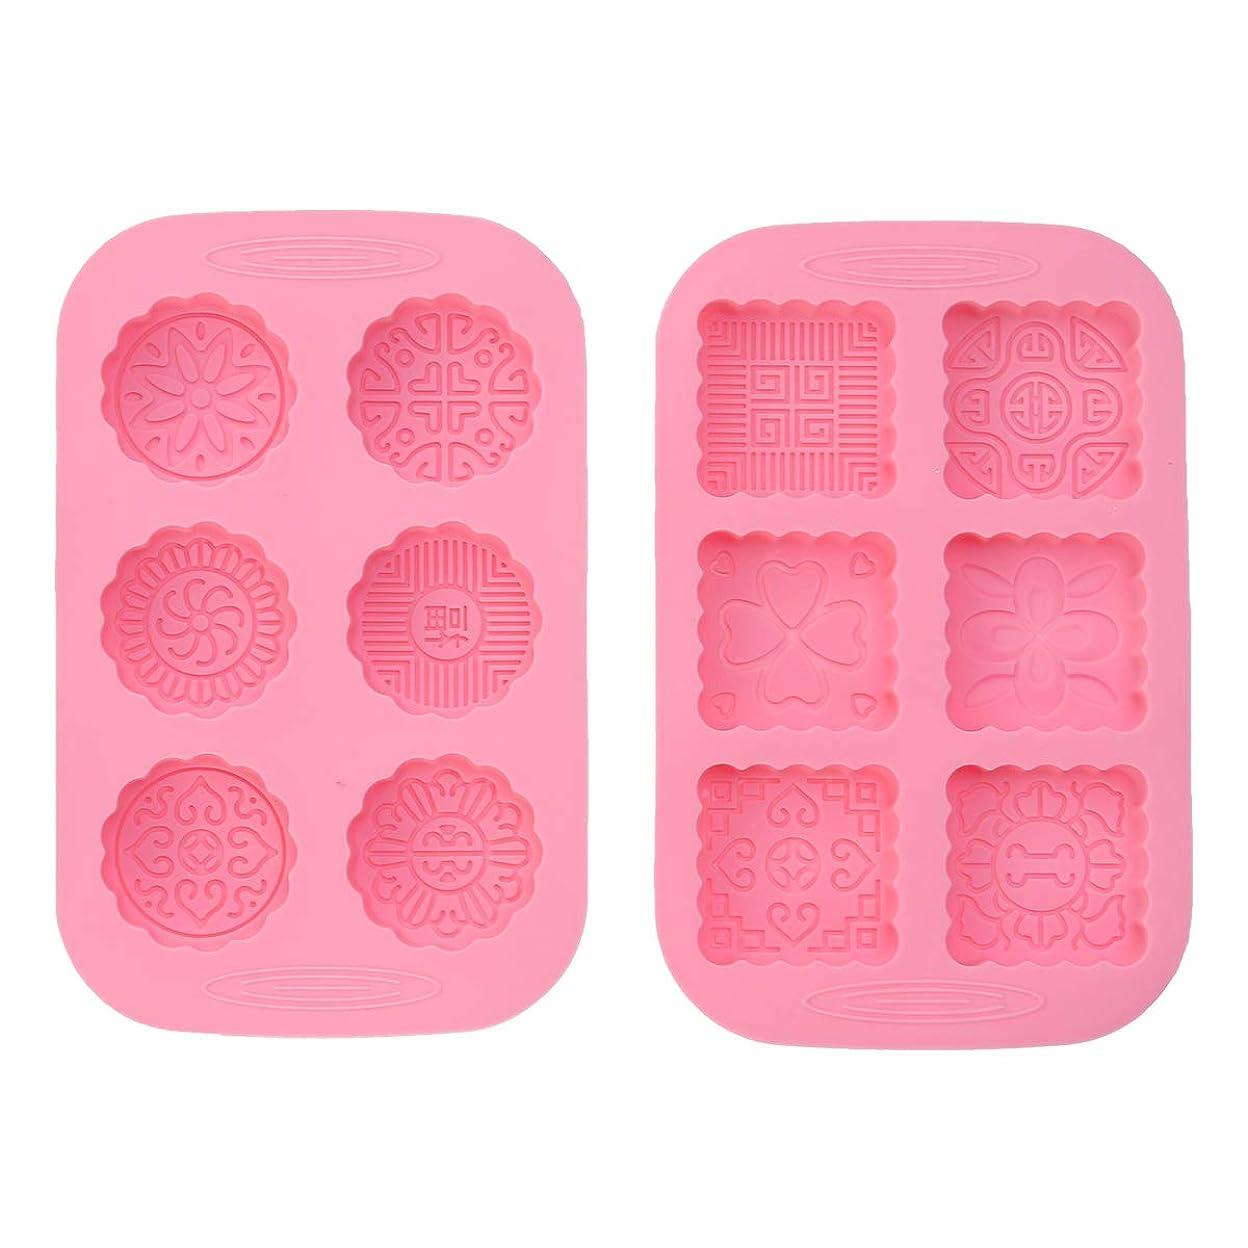 もホースディプロマSUPVOX 2本シリコンケーキマフィンムーンケーキ型花型金型DIYフォンダンショコラキャンディ金型アイスゼリーソープキューブトレイ(ピンク)